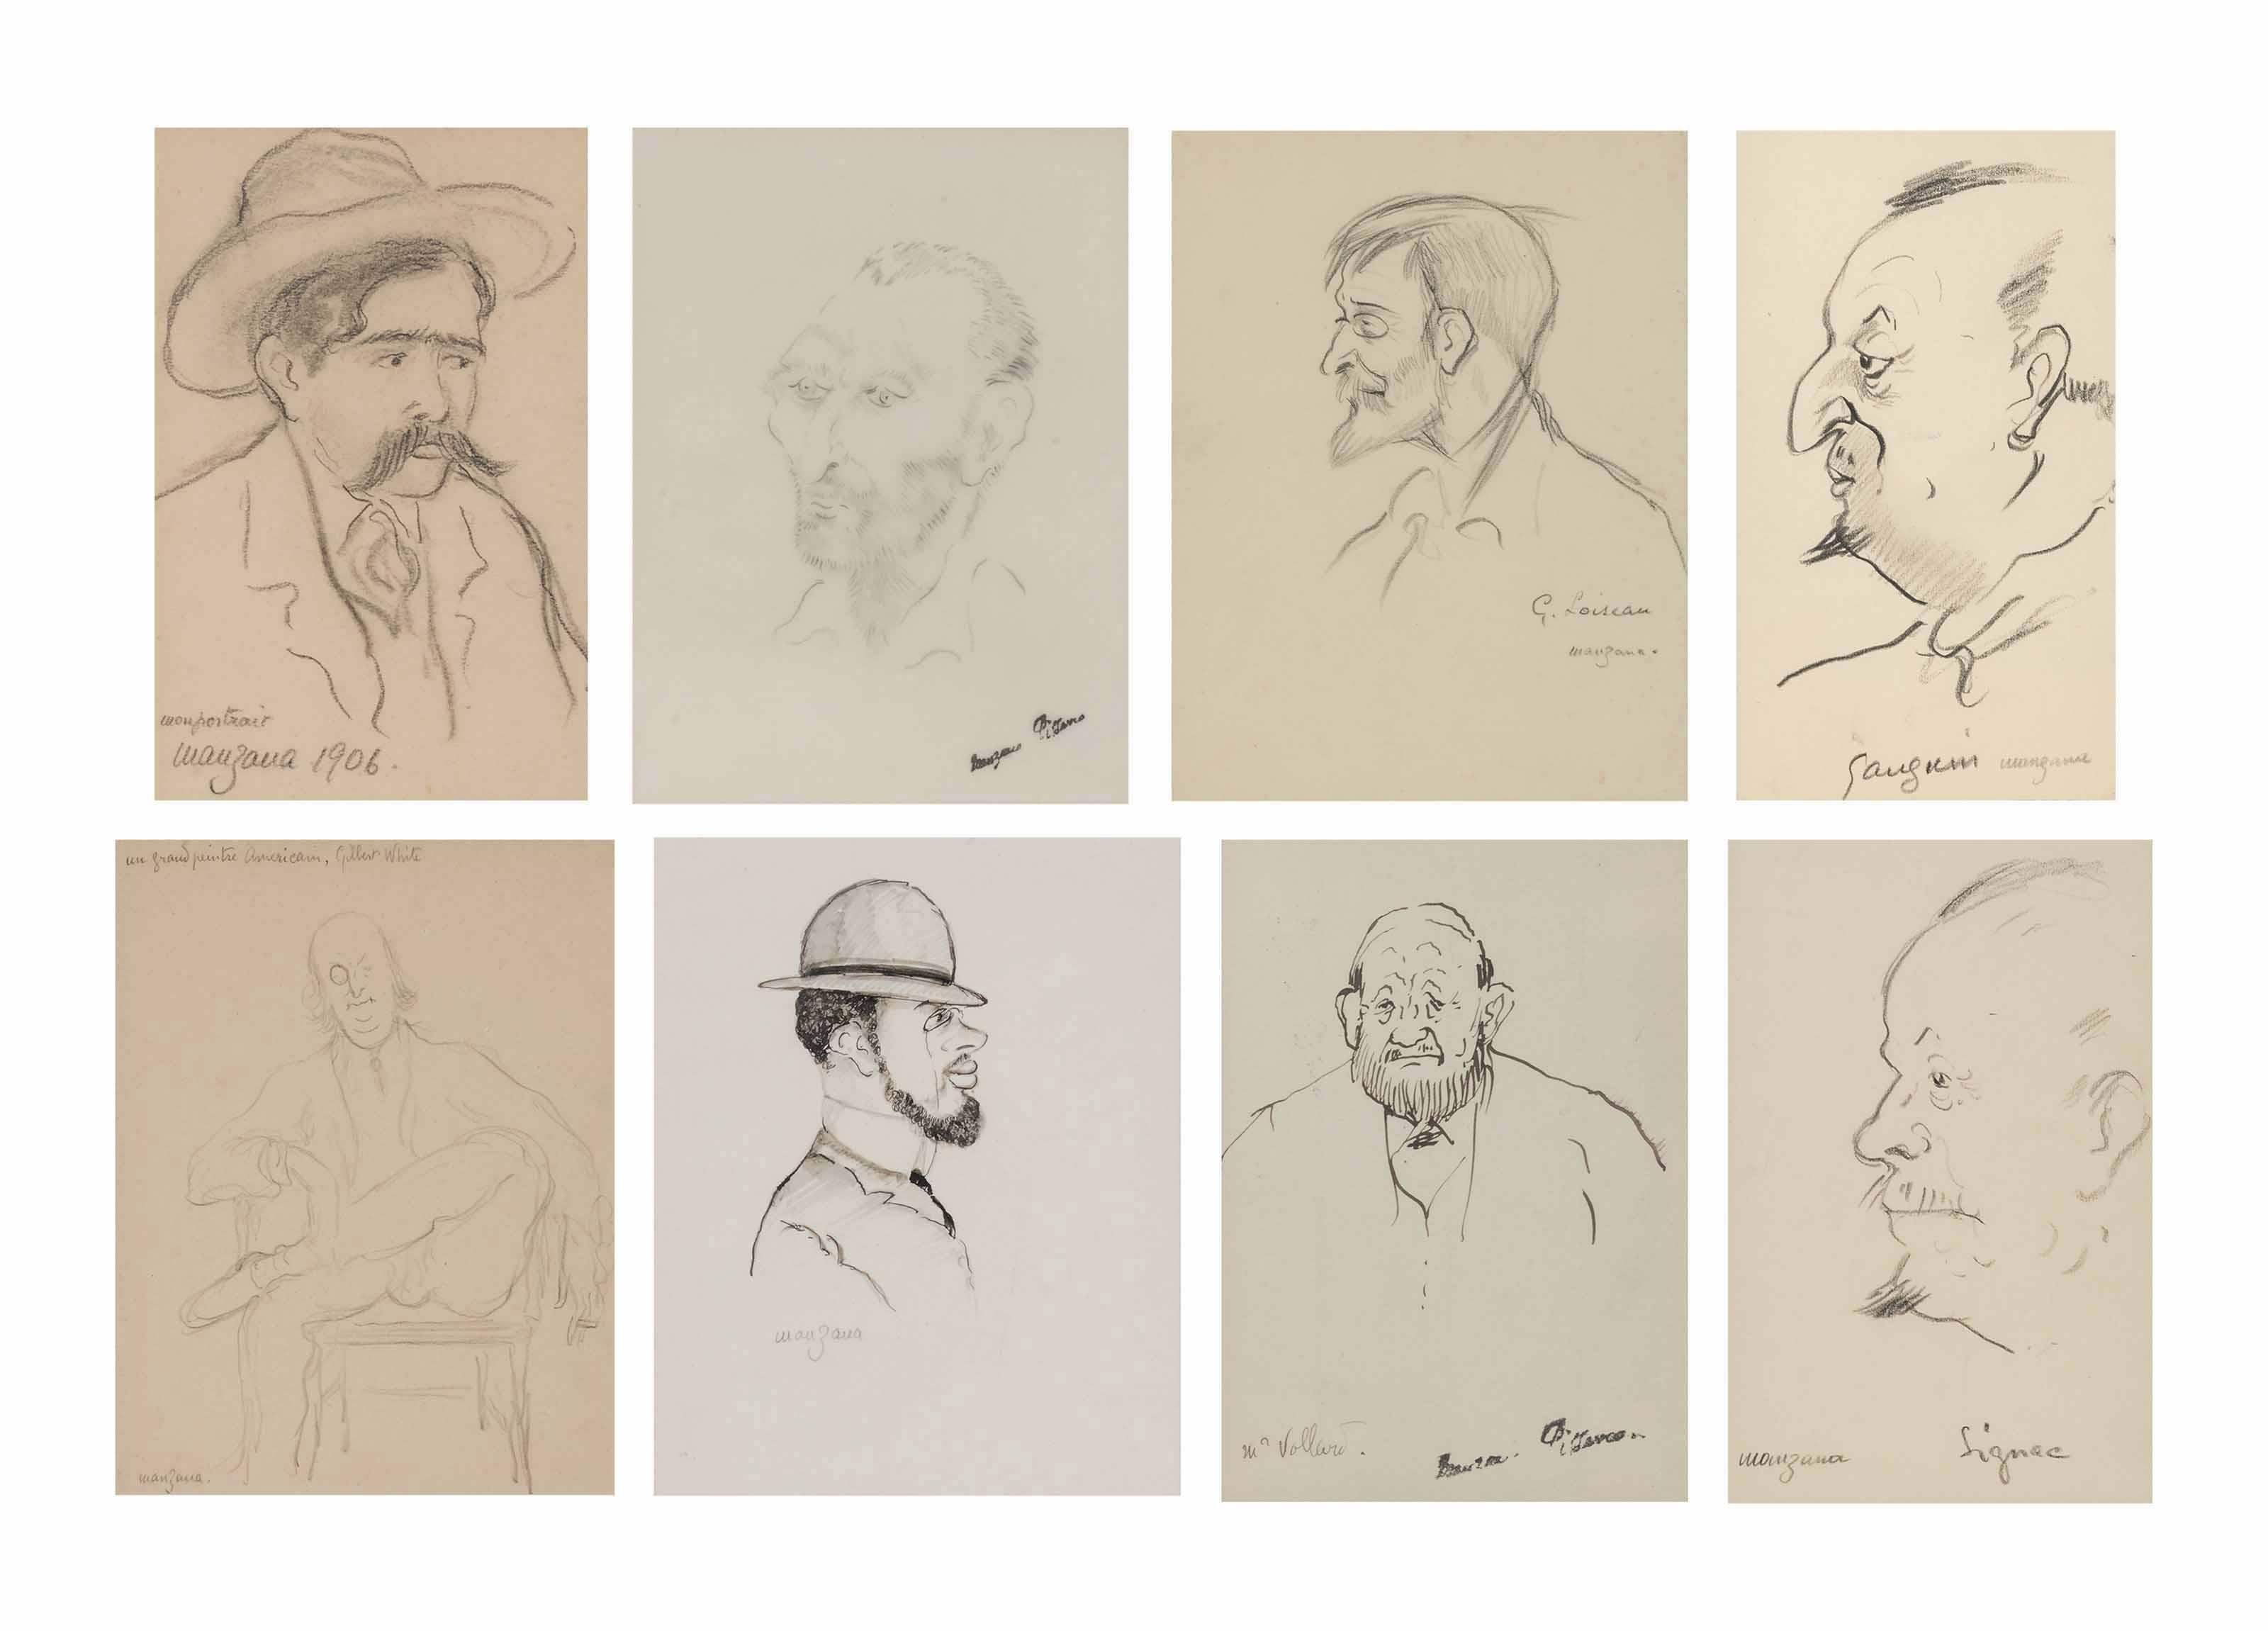 A group of eight portrait sketches: Self-portrait; Vincent van Gogh; Gustave Loiseau; Paul Gauguin; Gilbert White; Henri de Toulouse-Lautrec; Ambrose Vollard; and Paul Signac